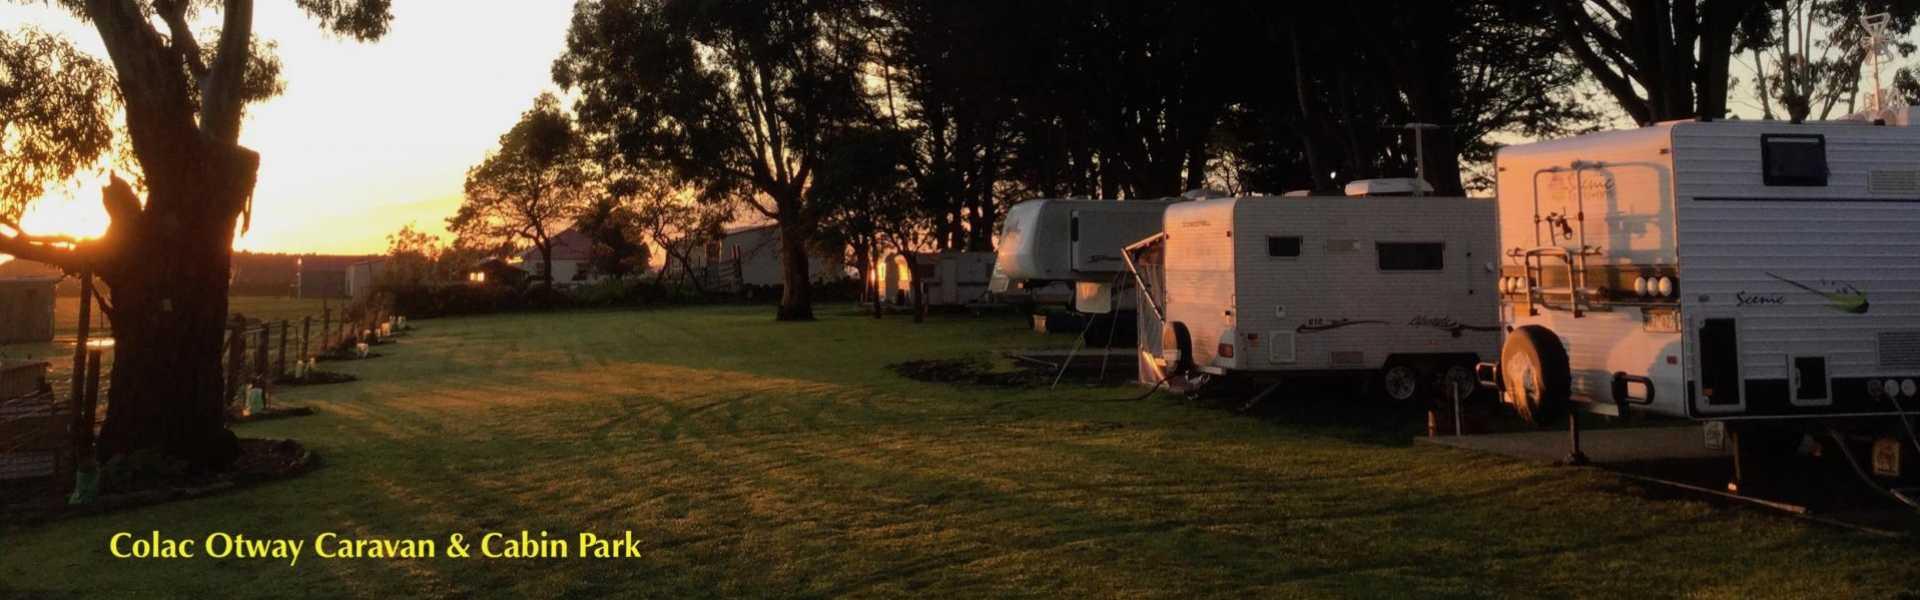 Colac Otway Caravan Park, Kui Parks, VIC